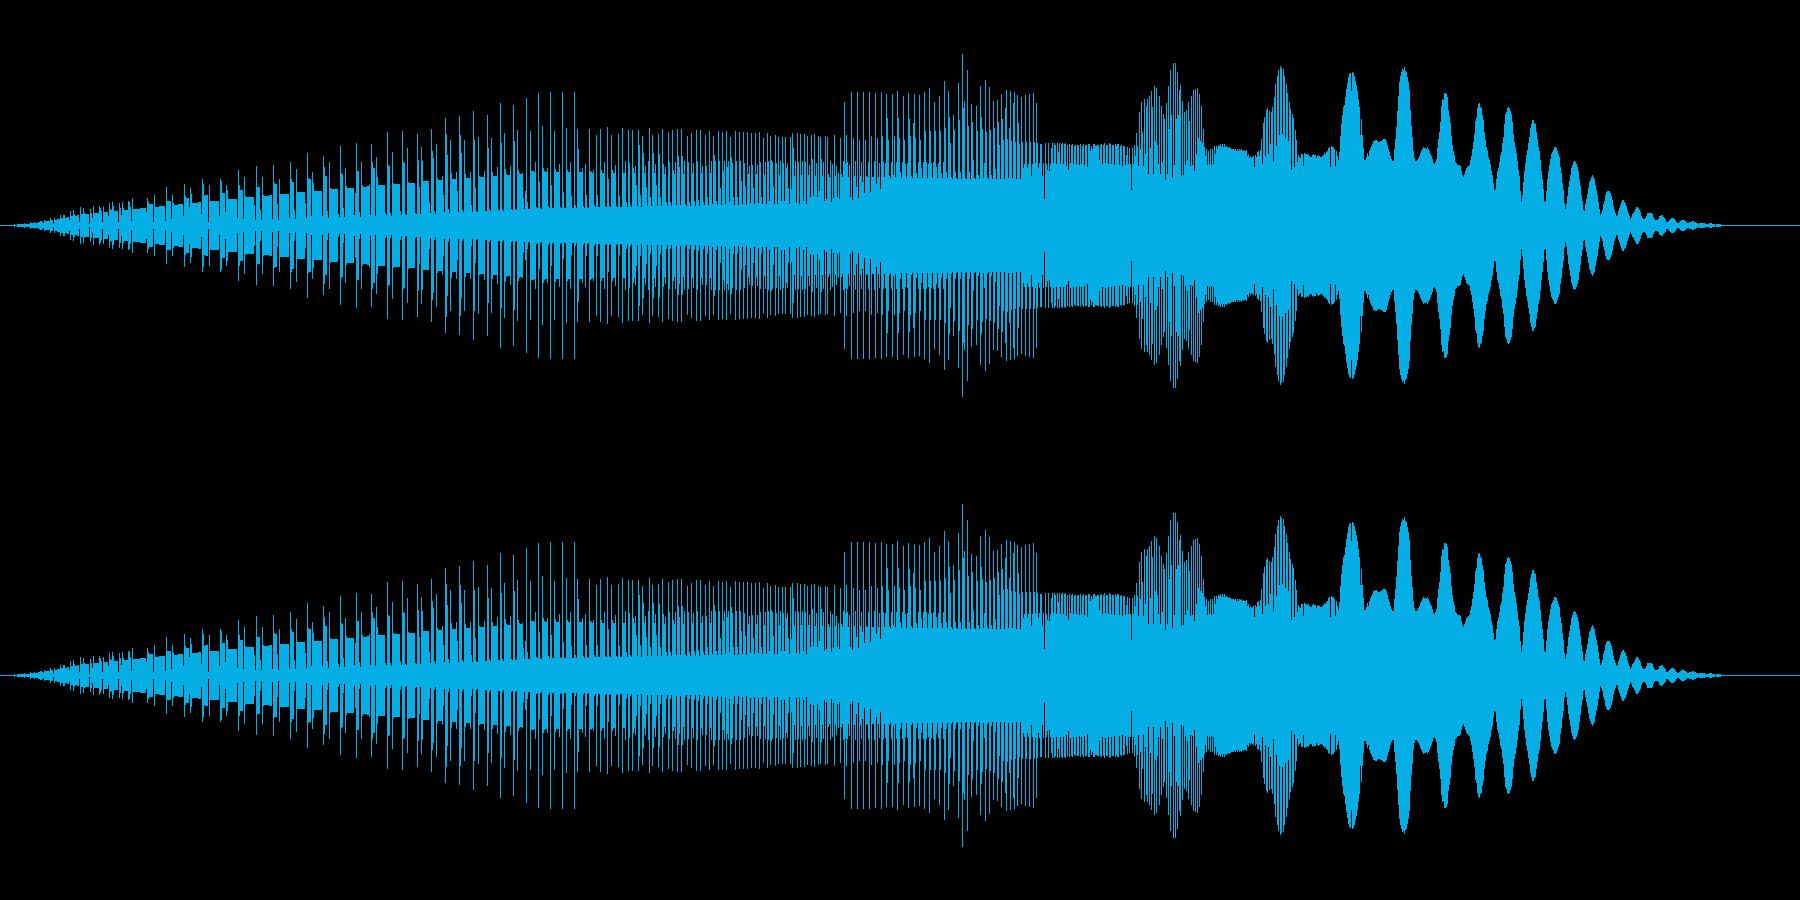 ピューイ(ジャンプ/ファミコン/ピコピコの再生済みの波形